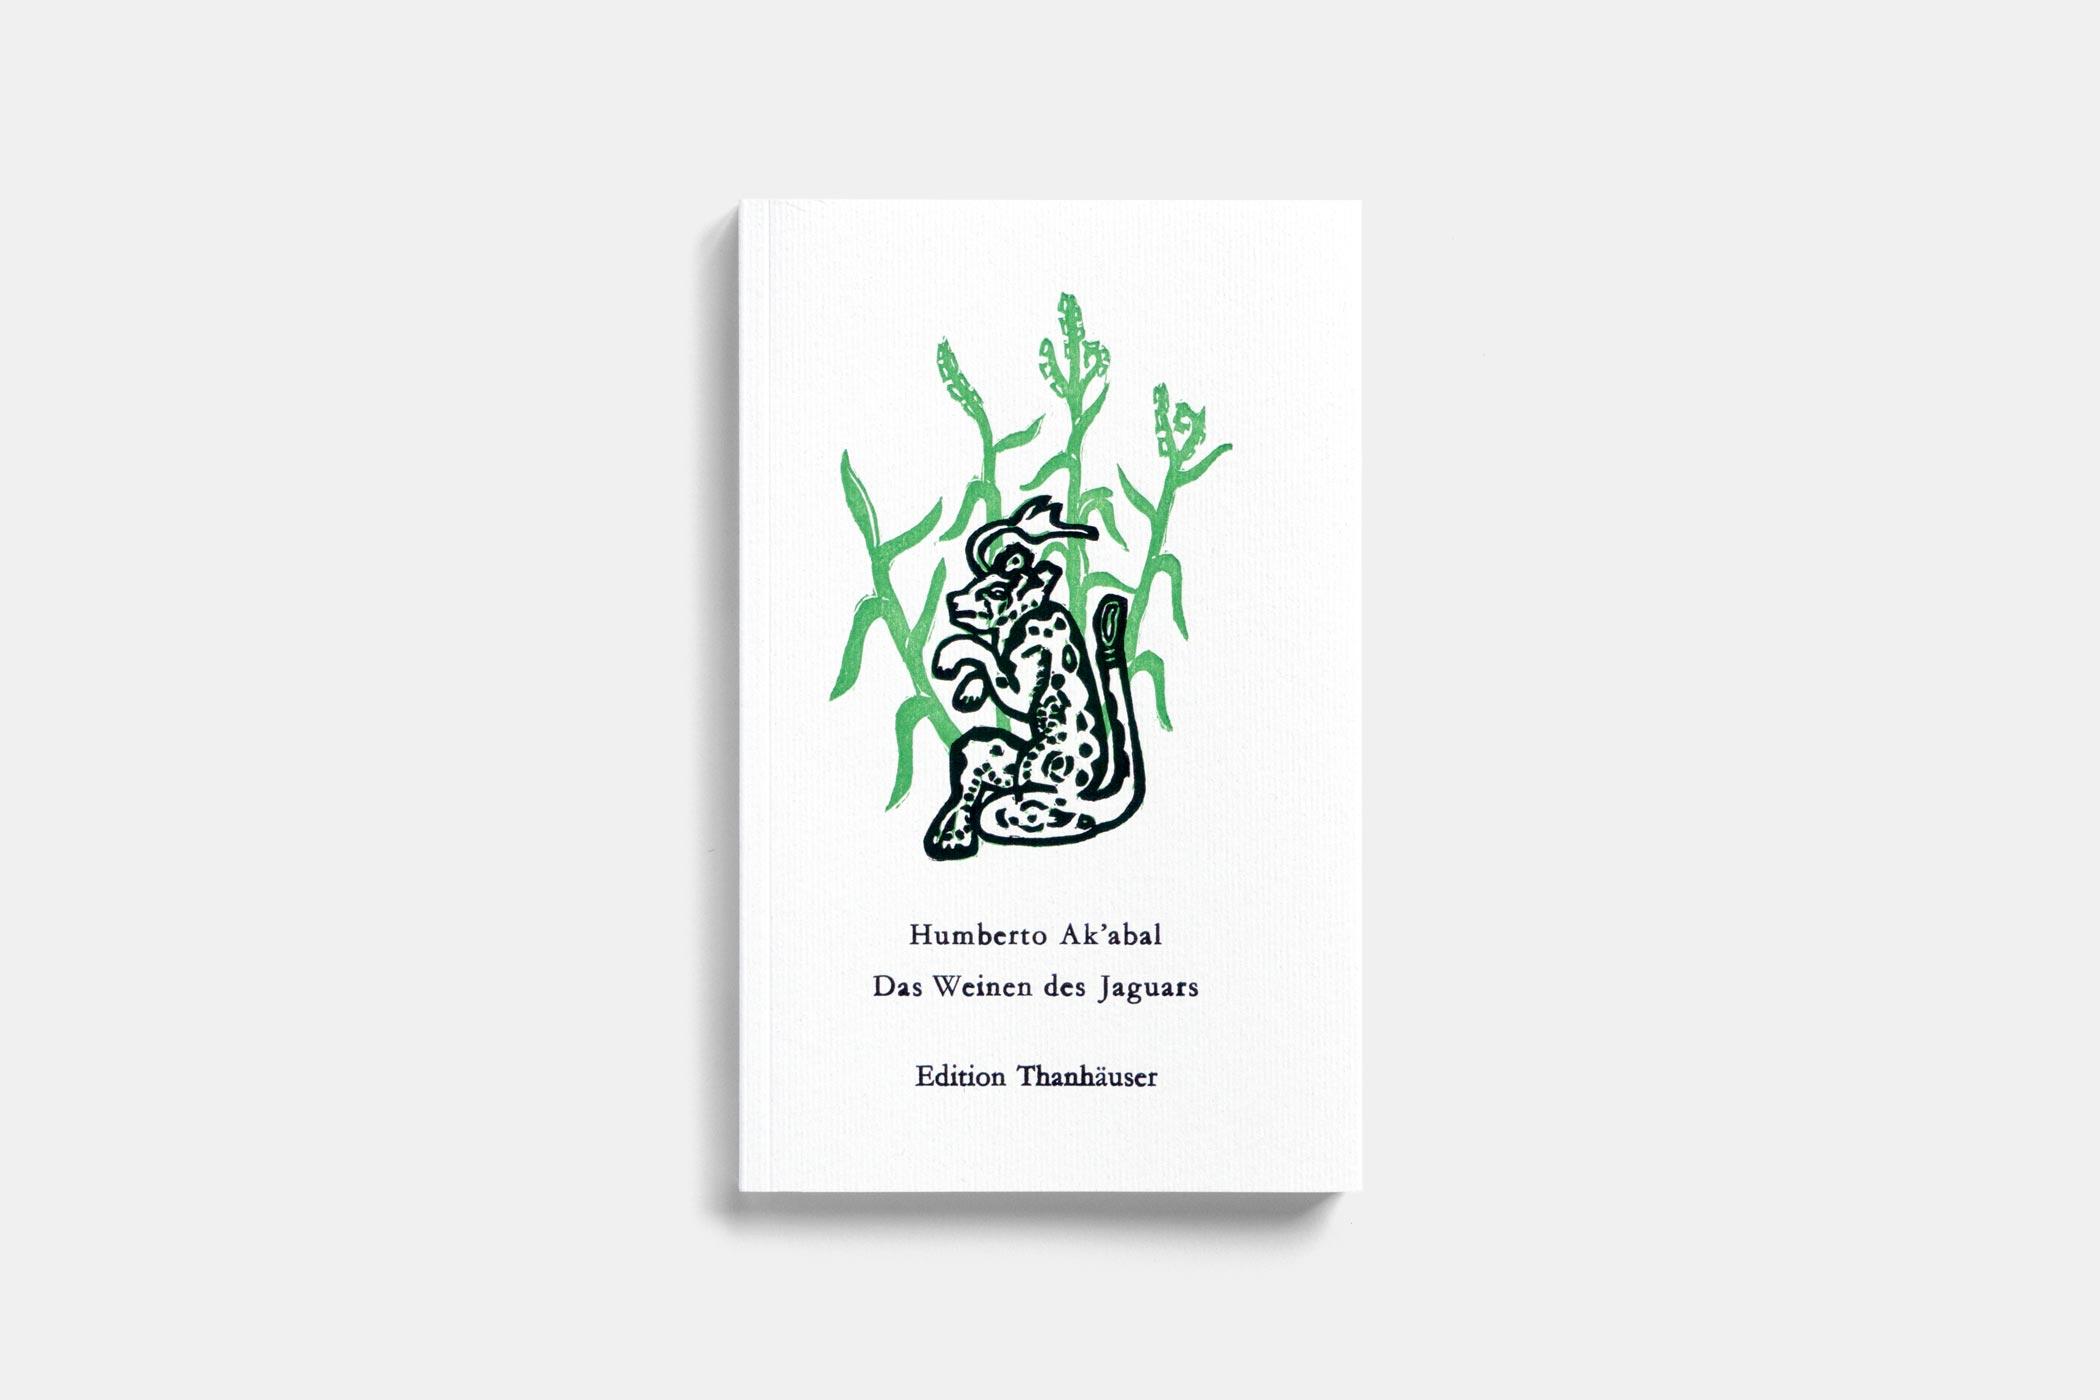 """Das Buch """"Das Weinen des Jaguars"""" von Humberto Ak'abal erschienen im Verlag Edition Thanhäuser mit einem zweifarbigen Holzschnitt von Christian Thanhäuser am Umschlag"""